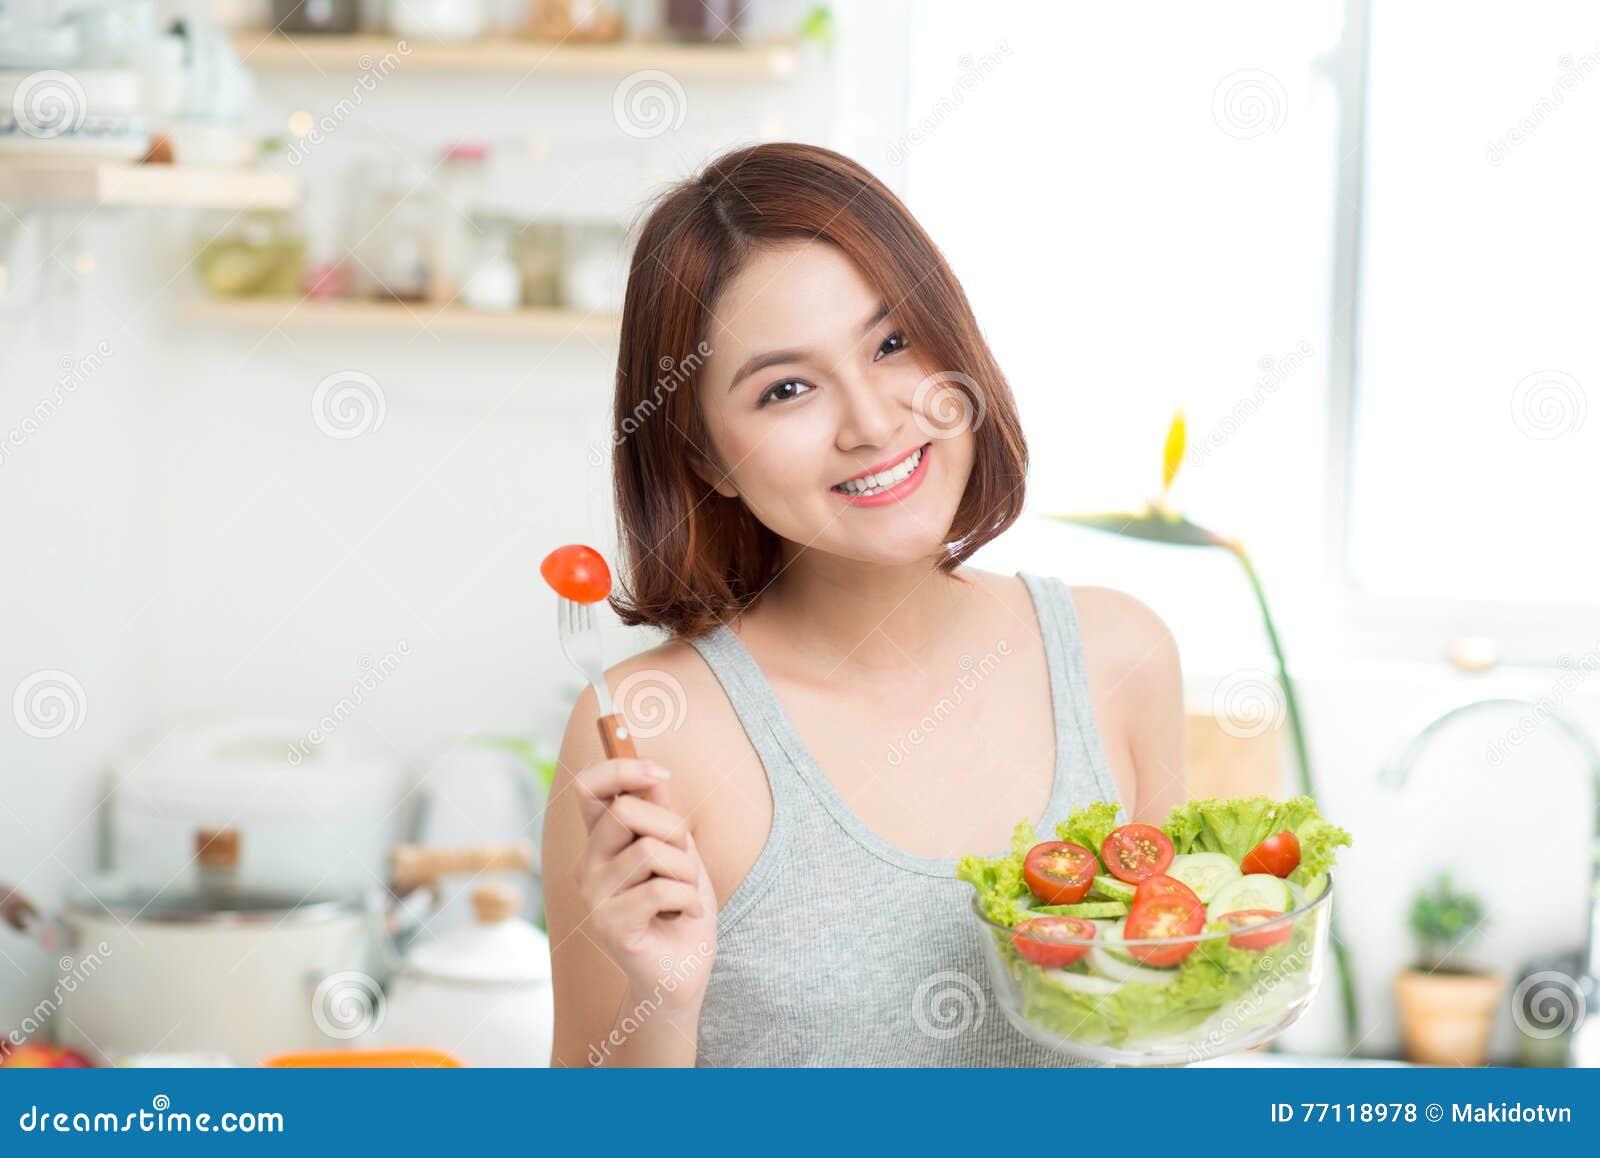 περίπου να κάνει δίαιτα έννοιας τόξων ανασκόπησης τους κενούς αριθμούς μέτρου παρουσίασης το δεμένο άσπρο παράθυρο ταινιών κλίμακ